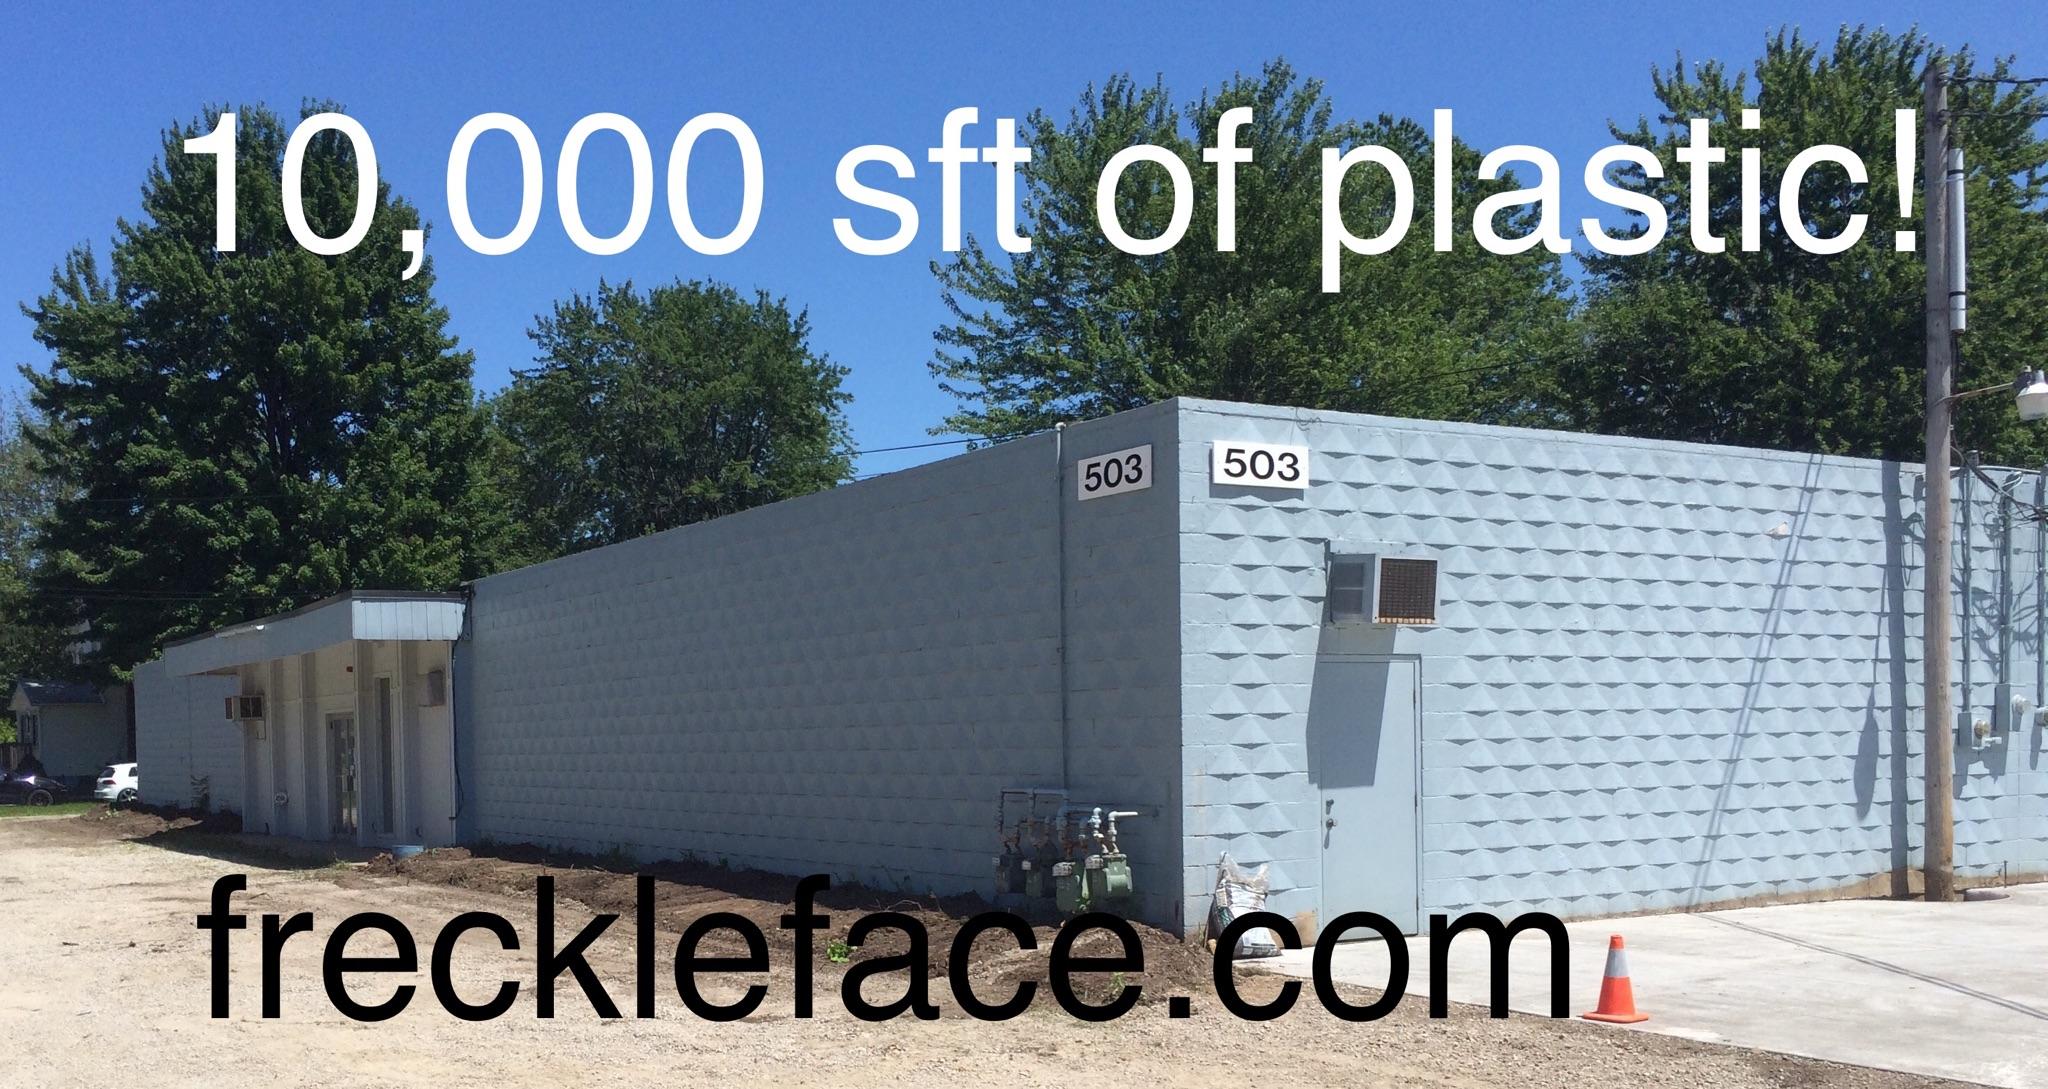 freckleface.com building